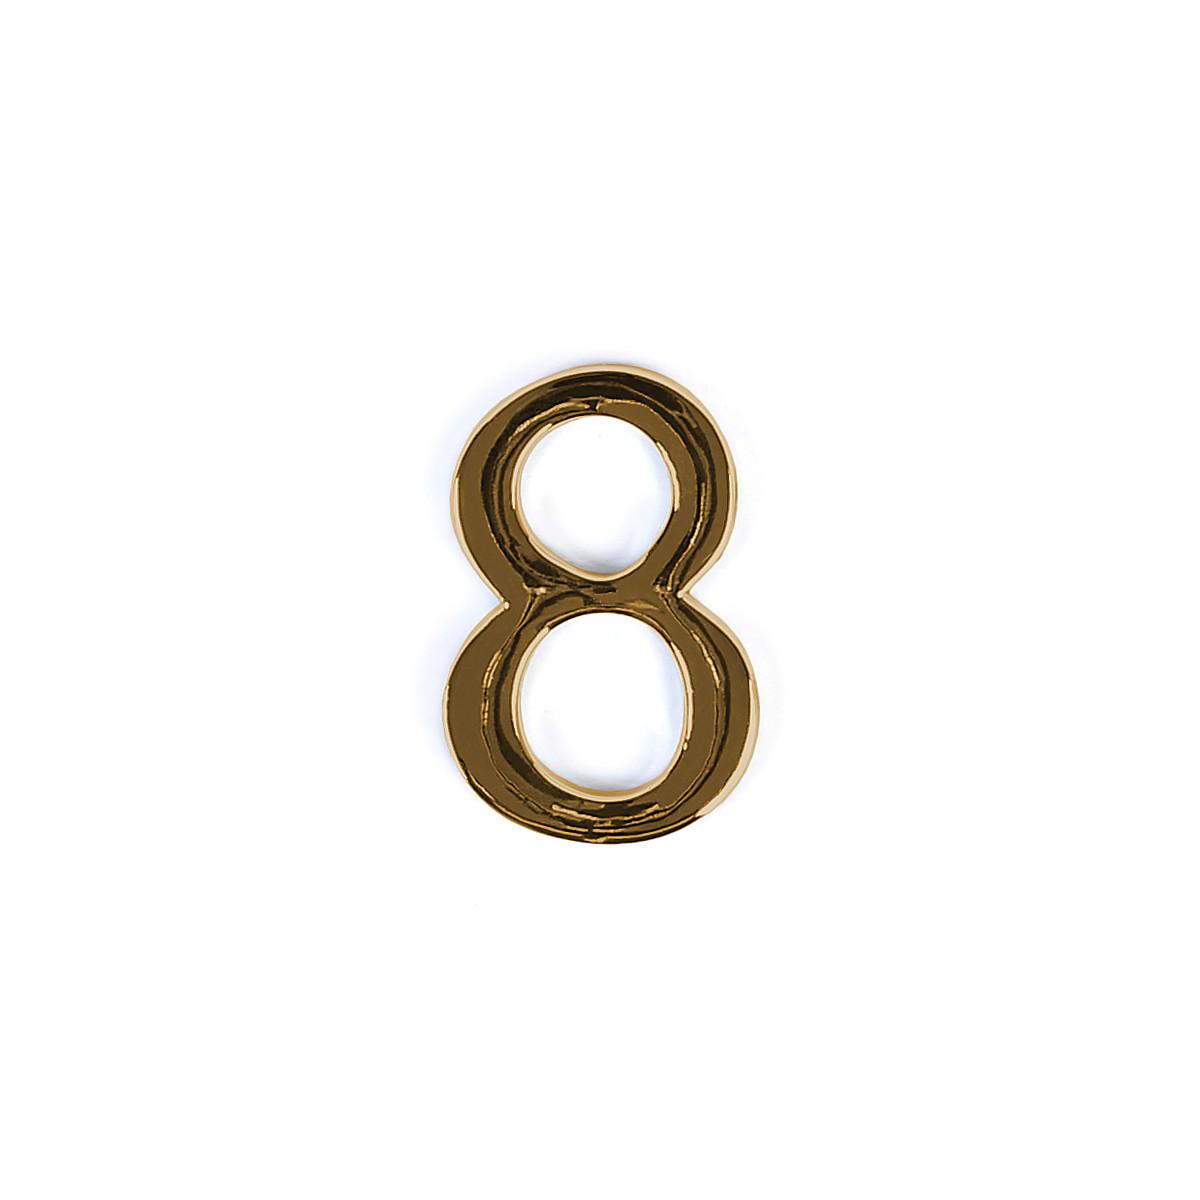 Номер на дверь из цинка Larvij цифра 8 Золото (LNZ4 GP #8)